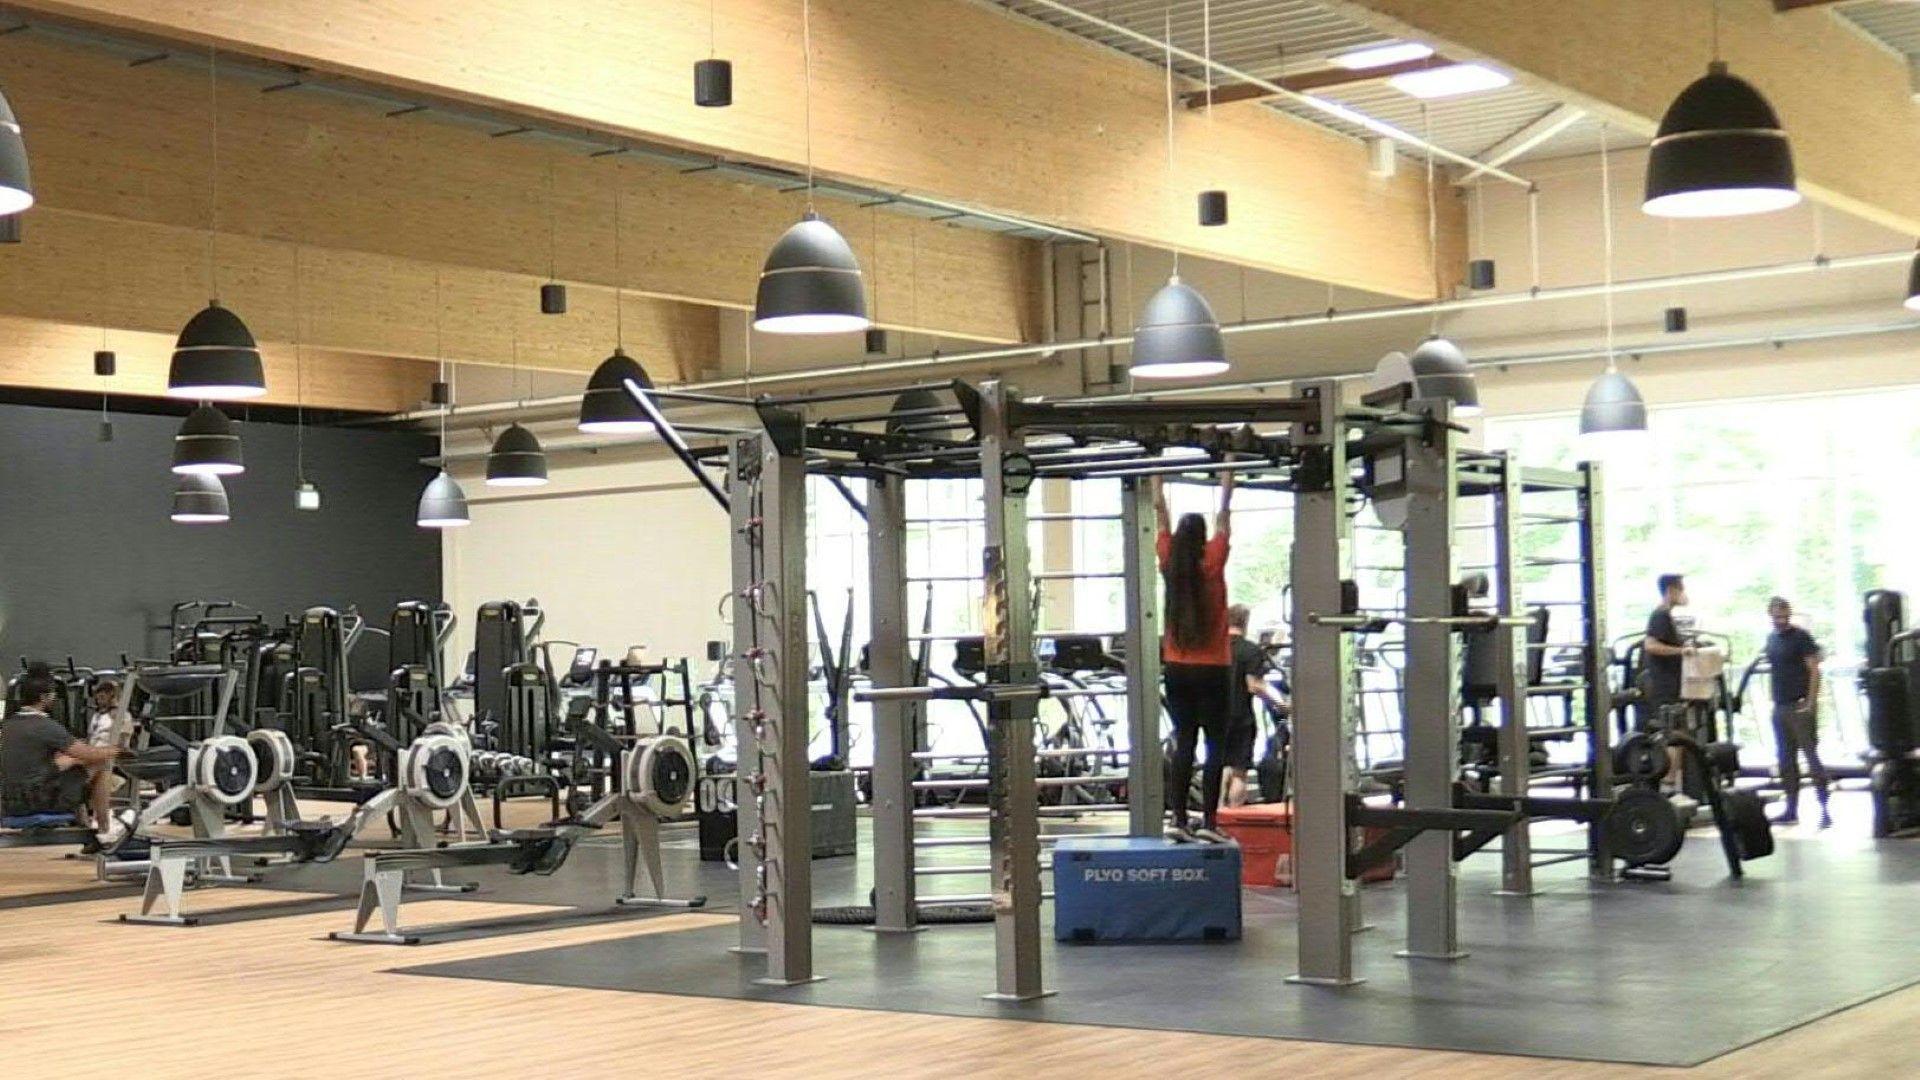 Endlich wieder trainieren: Berlin öffnet die Fitnessstudios